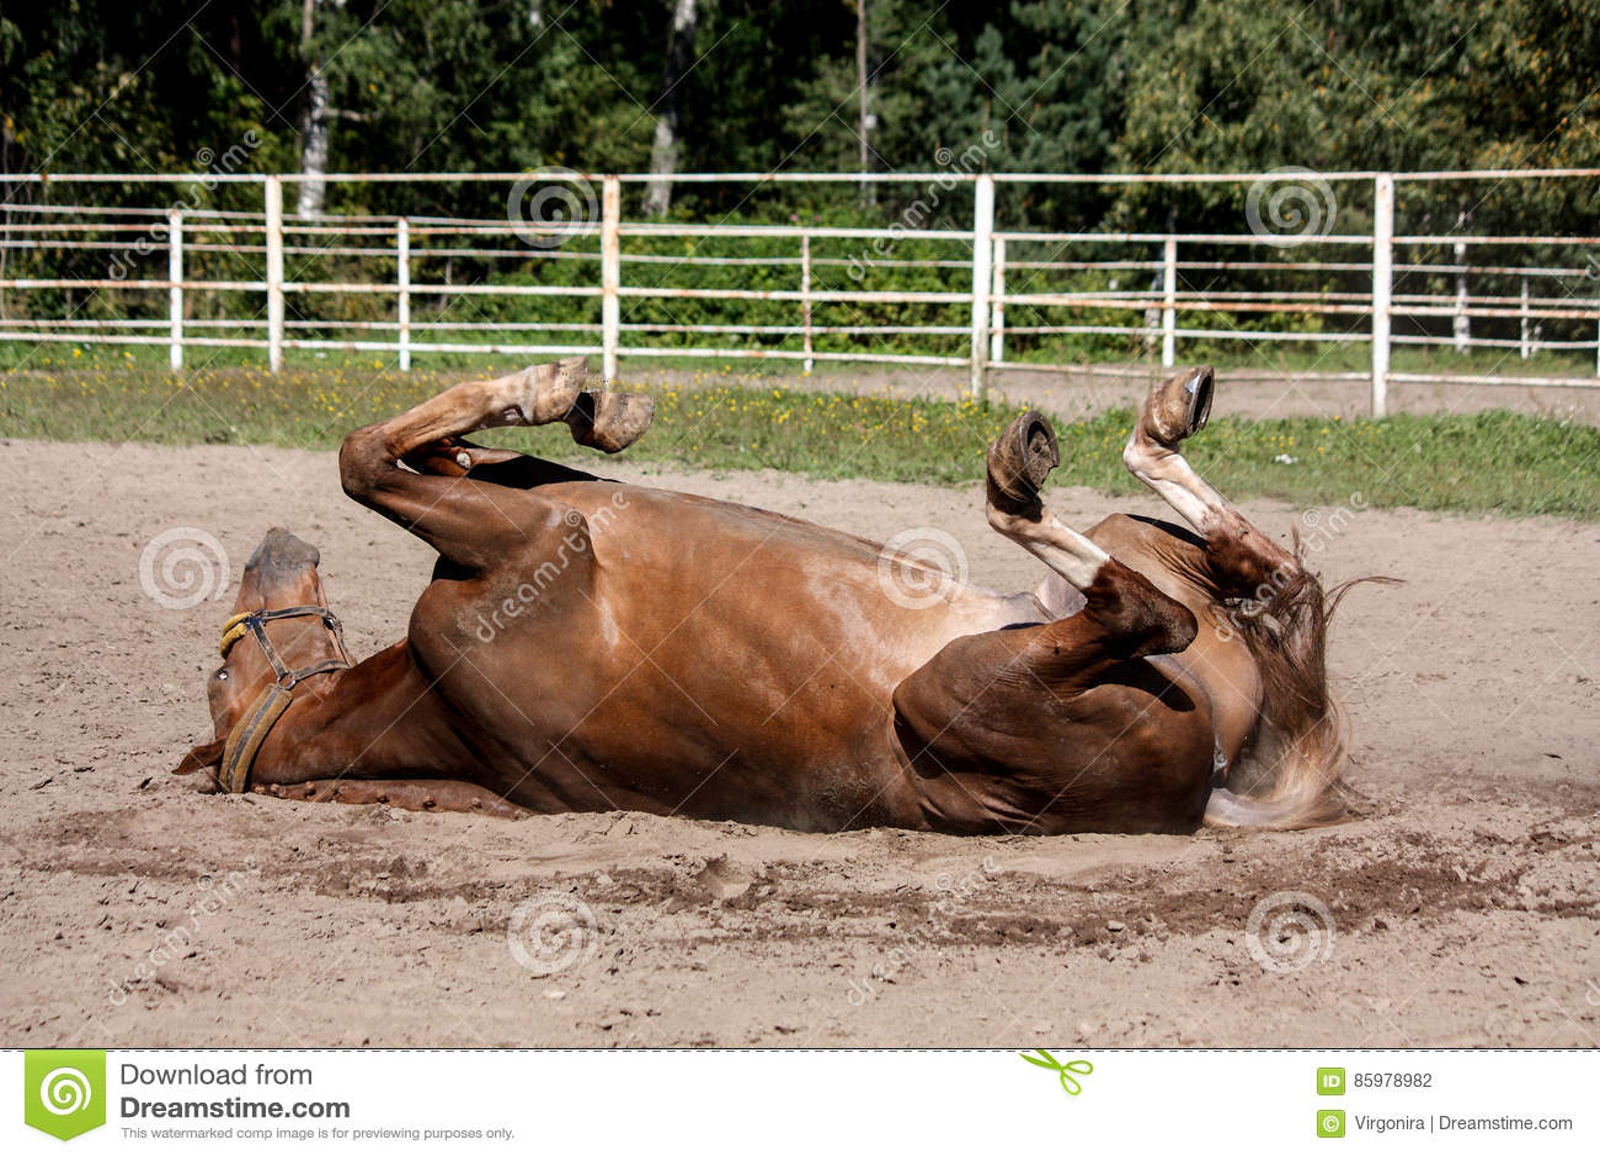 Kastanjepaard die in het zand rollen